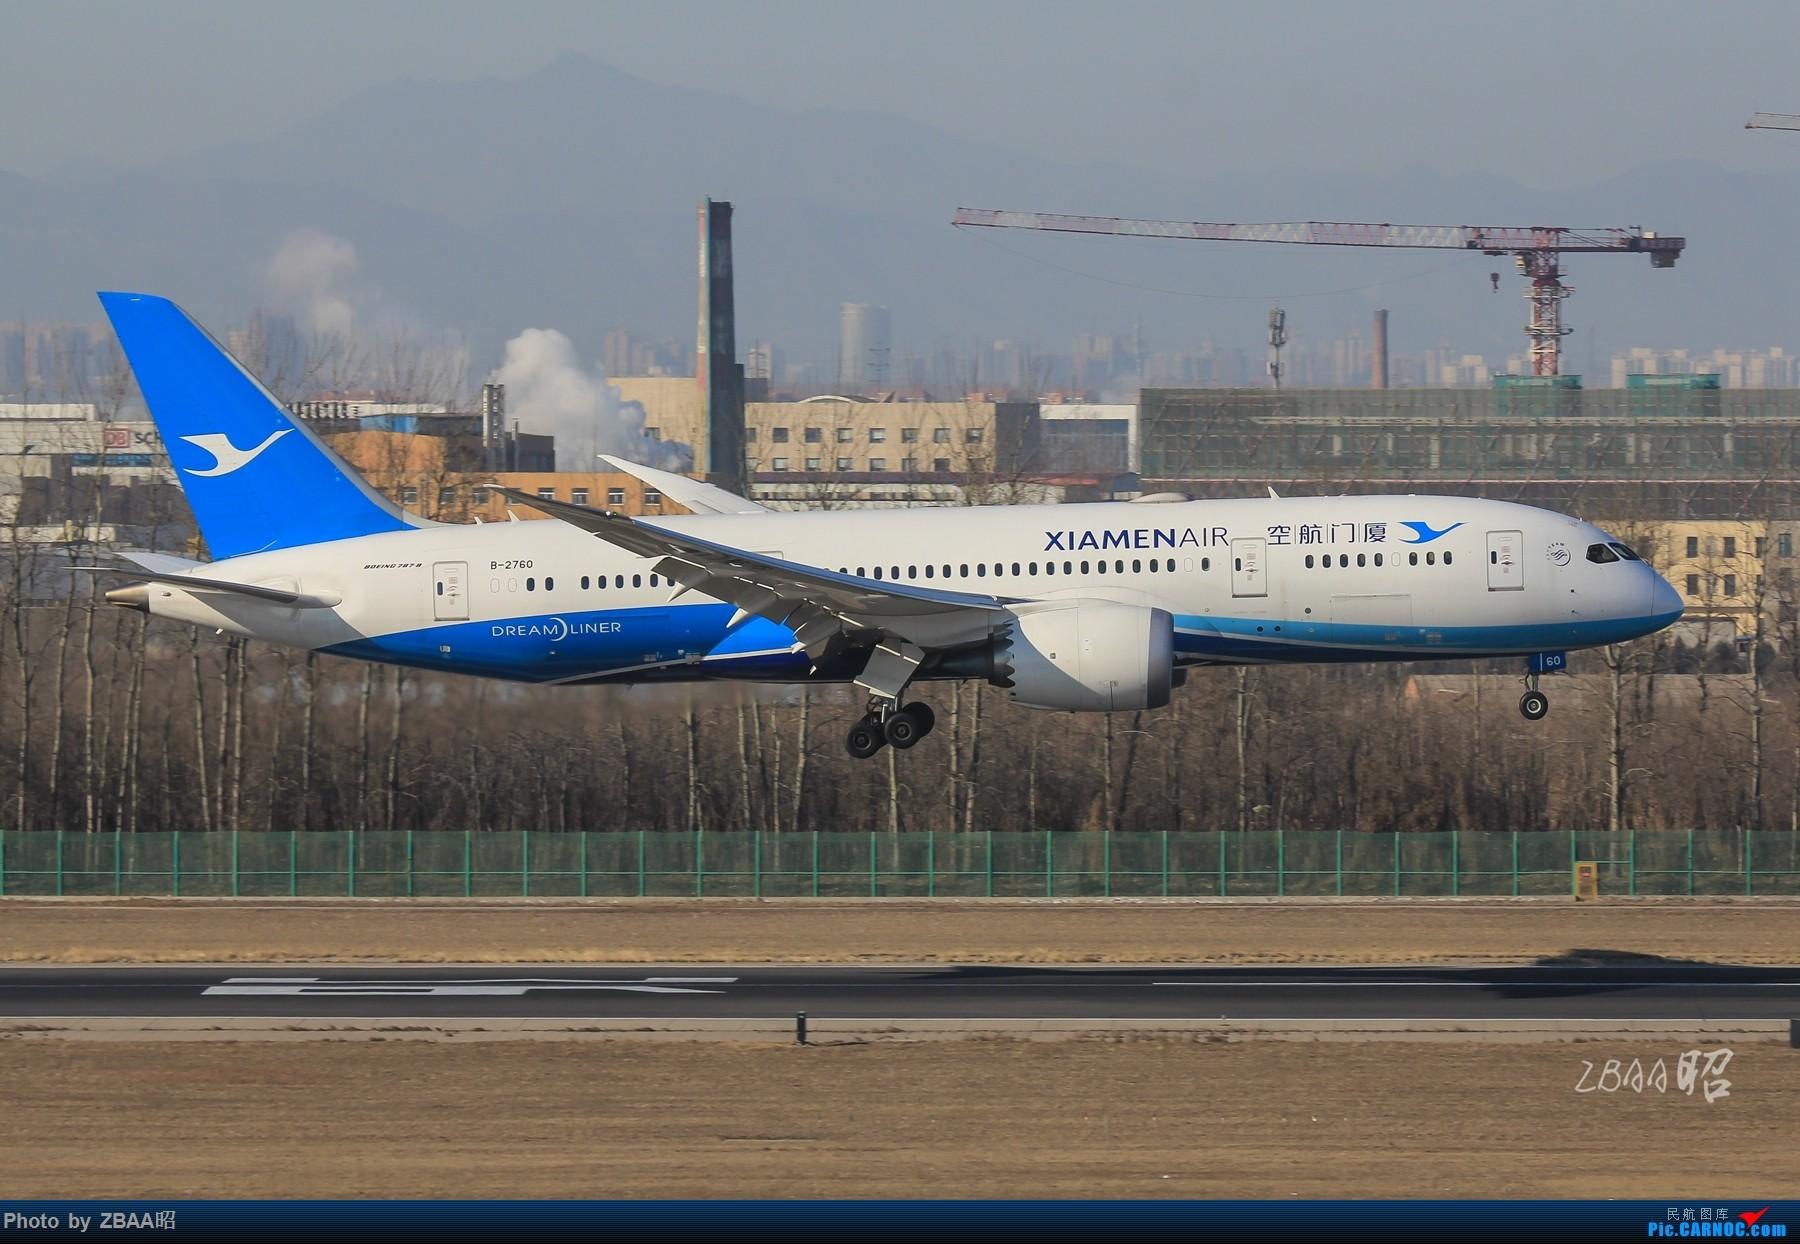 Re:[原创]飞友聚会后的独自疯狂,格林豪泰隔天怒打ZBAA 36L跑道,夜拍海航宽体机,寒风中坚守楼顶阵地 BOEING 787-8 B-2760 中国北京首都国际机场